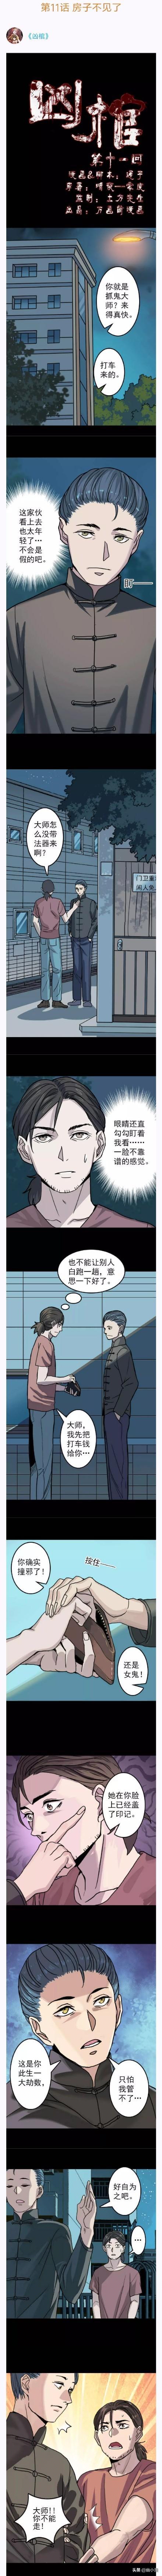 恐怖悬疑惊悚盗墓漫画小说《凶棺》连载-第11章:房子不见了